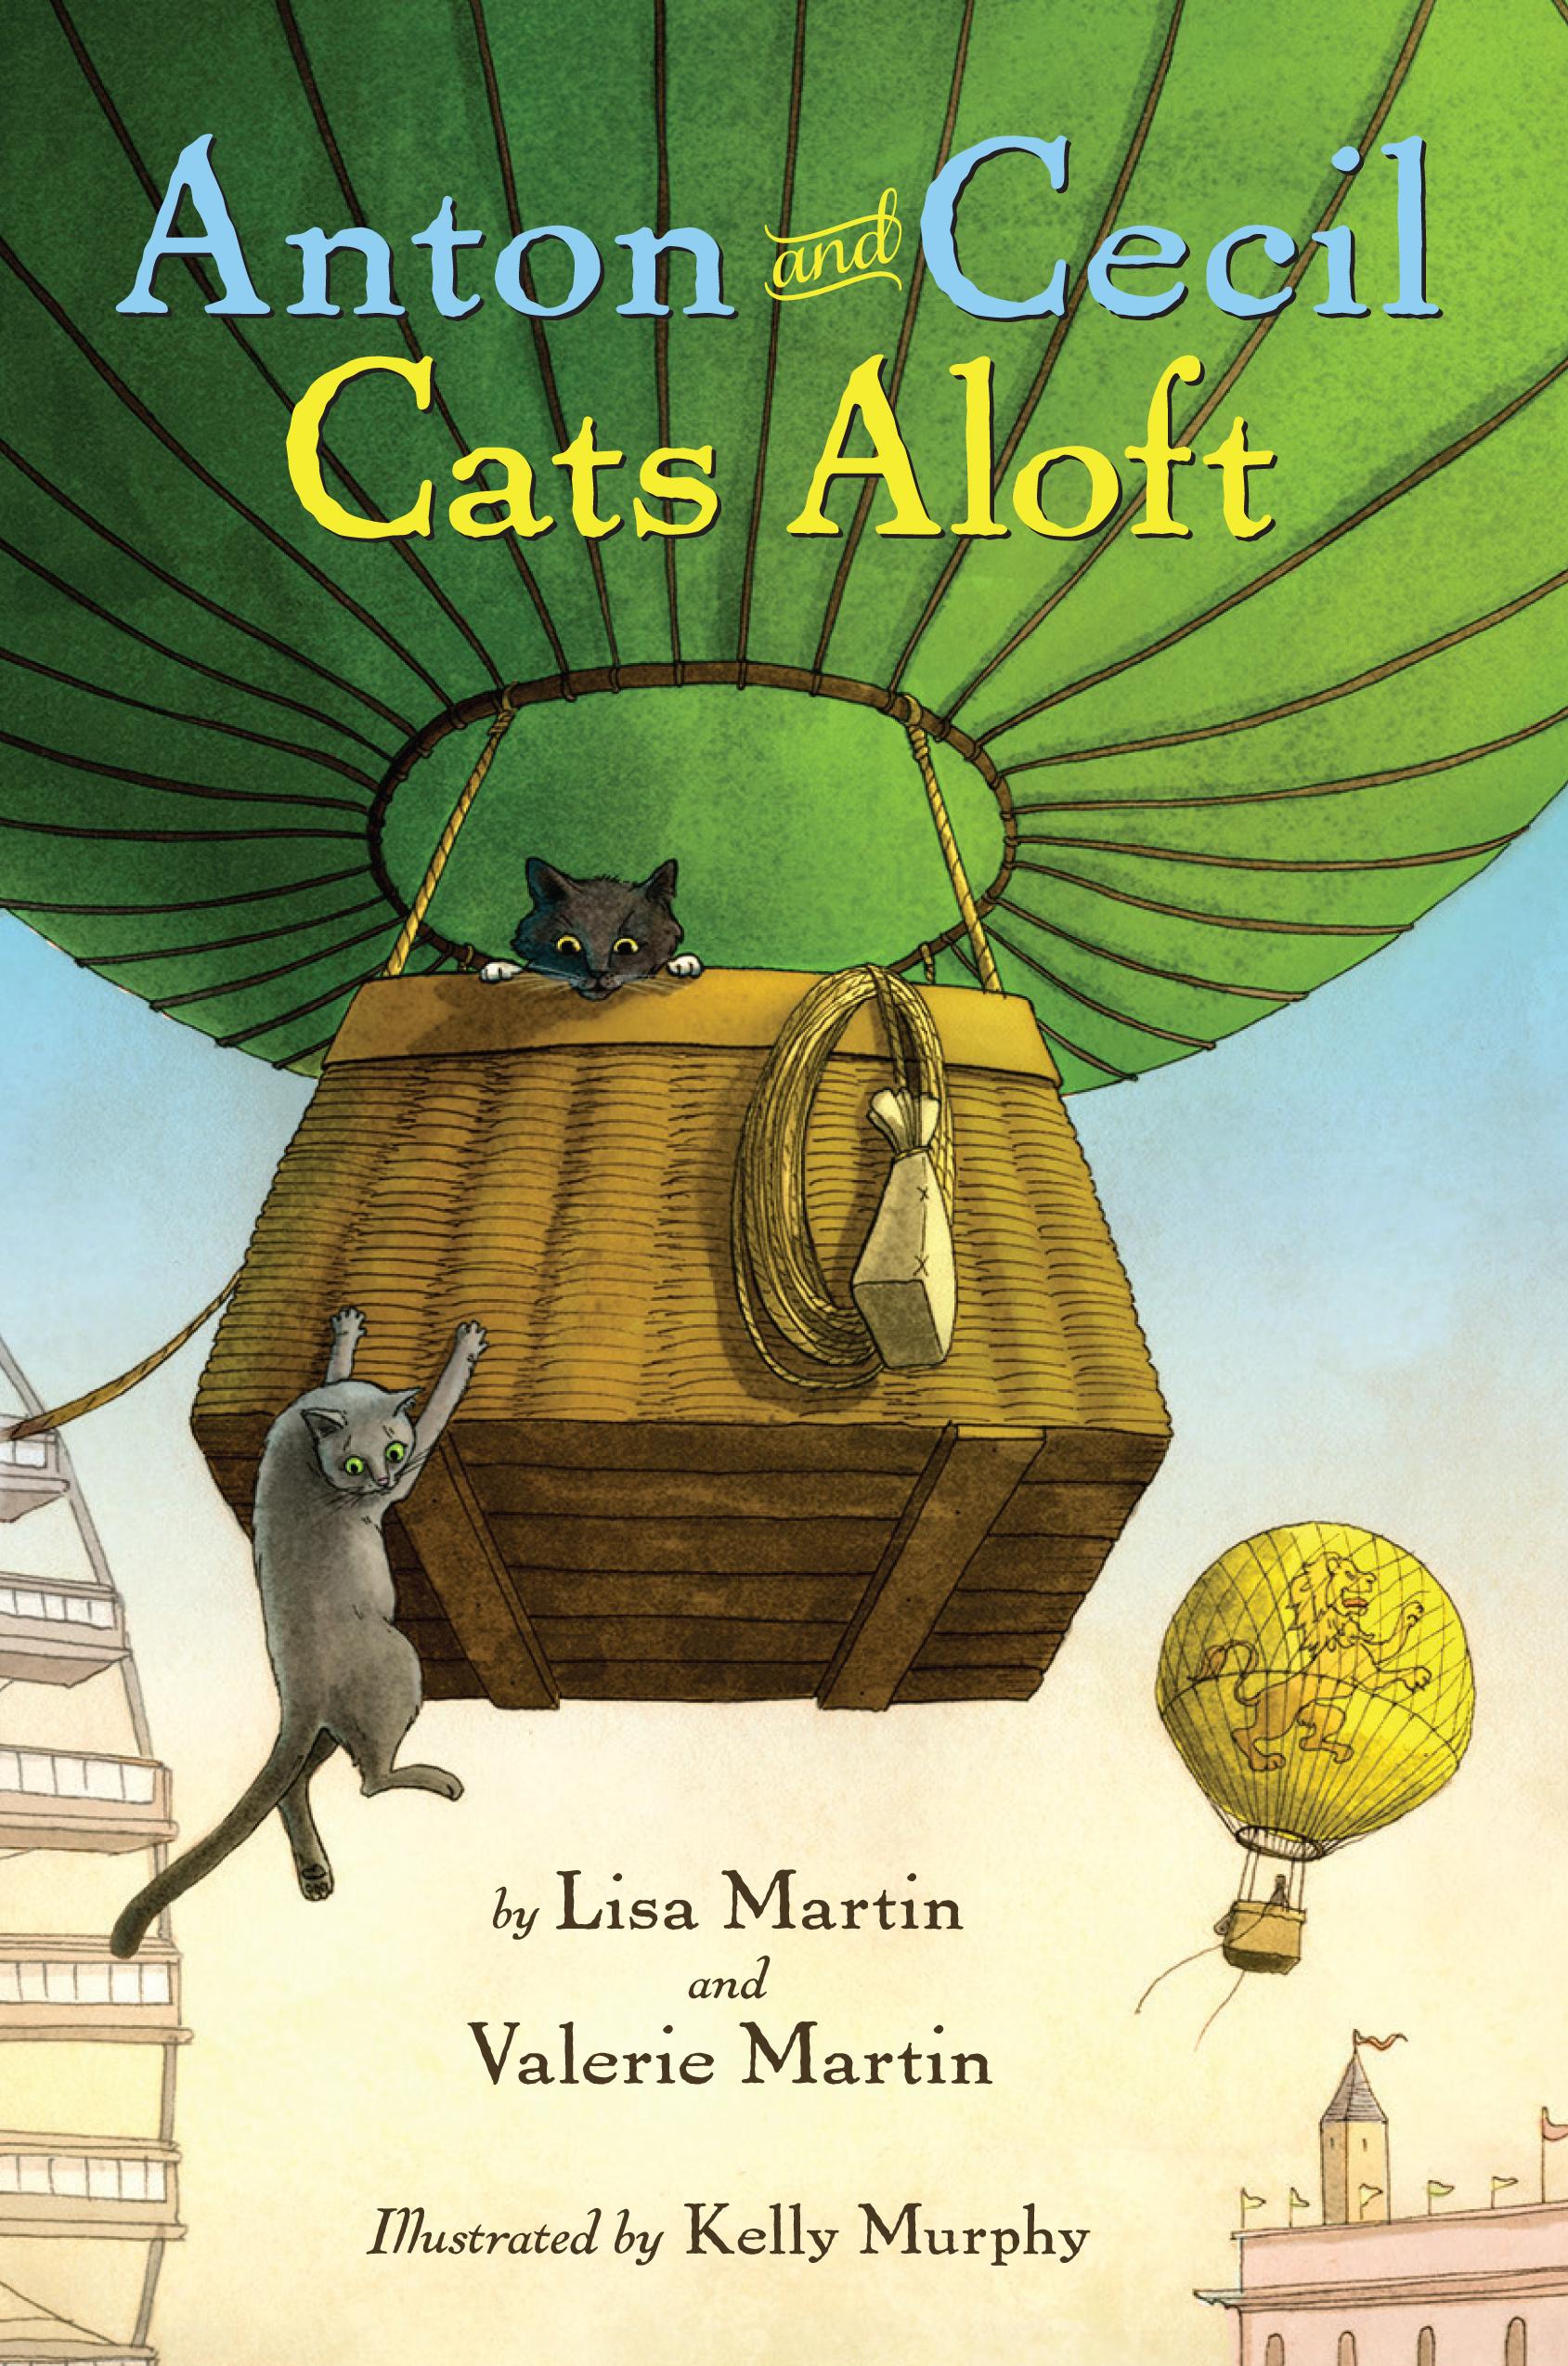 Anton and Cecil: Cats Aloft